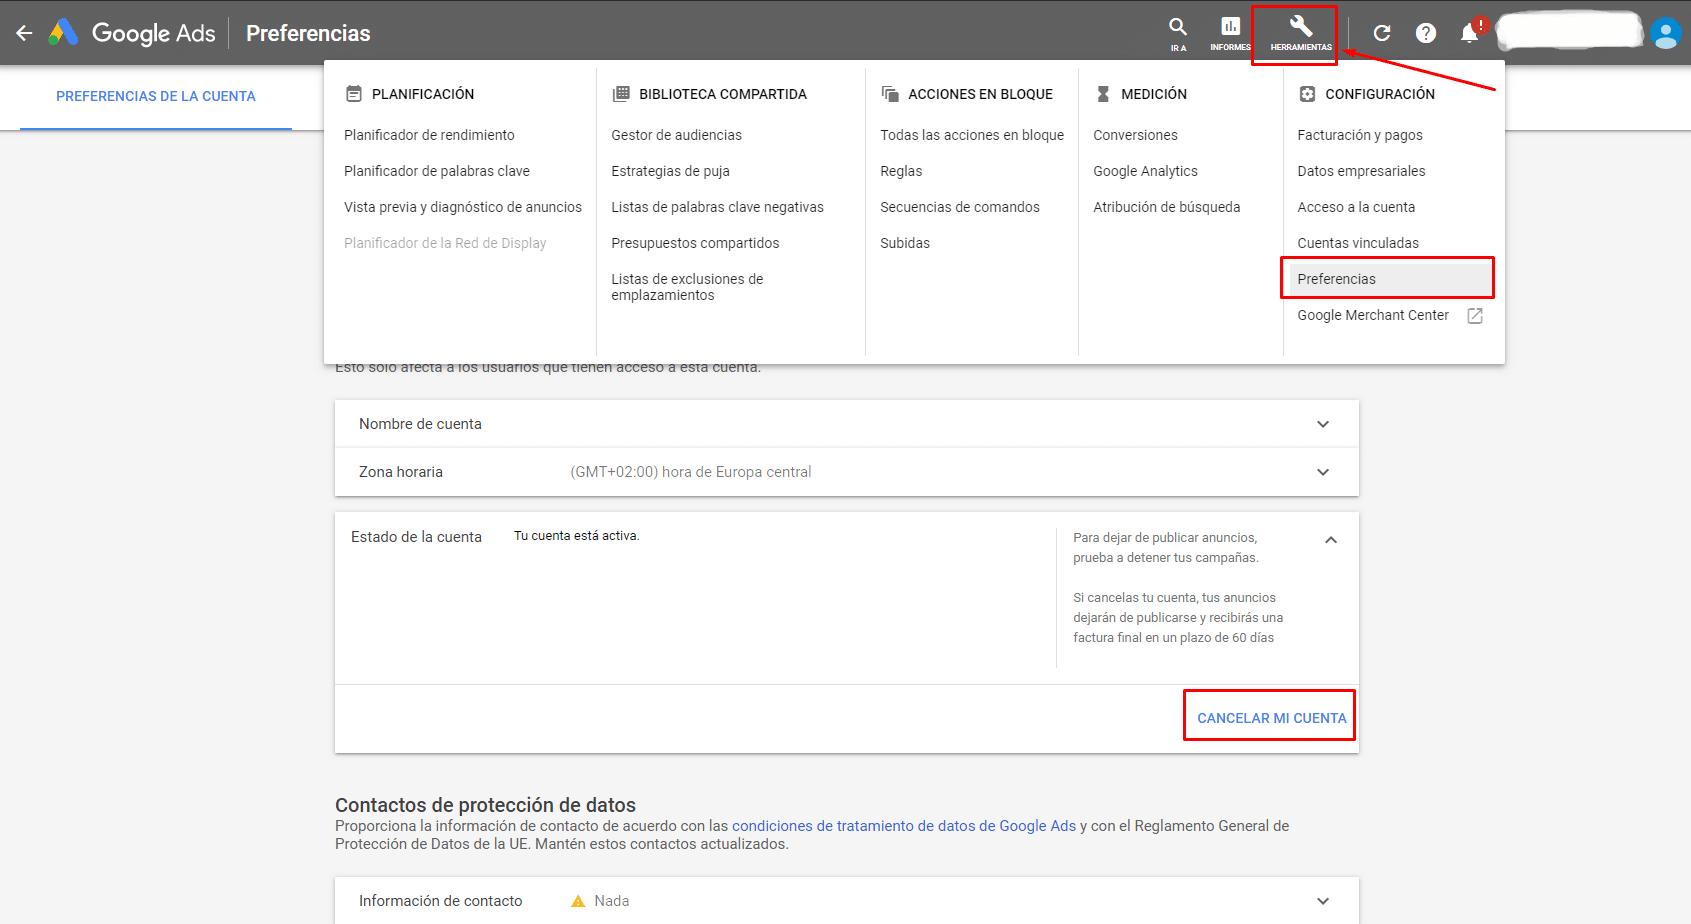 elimar cuenta google ads